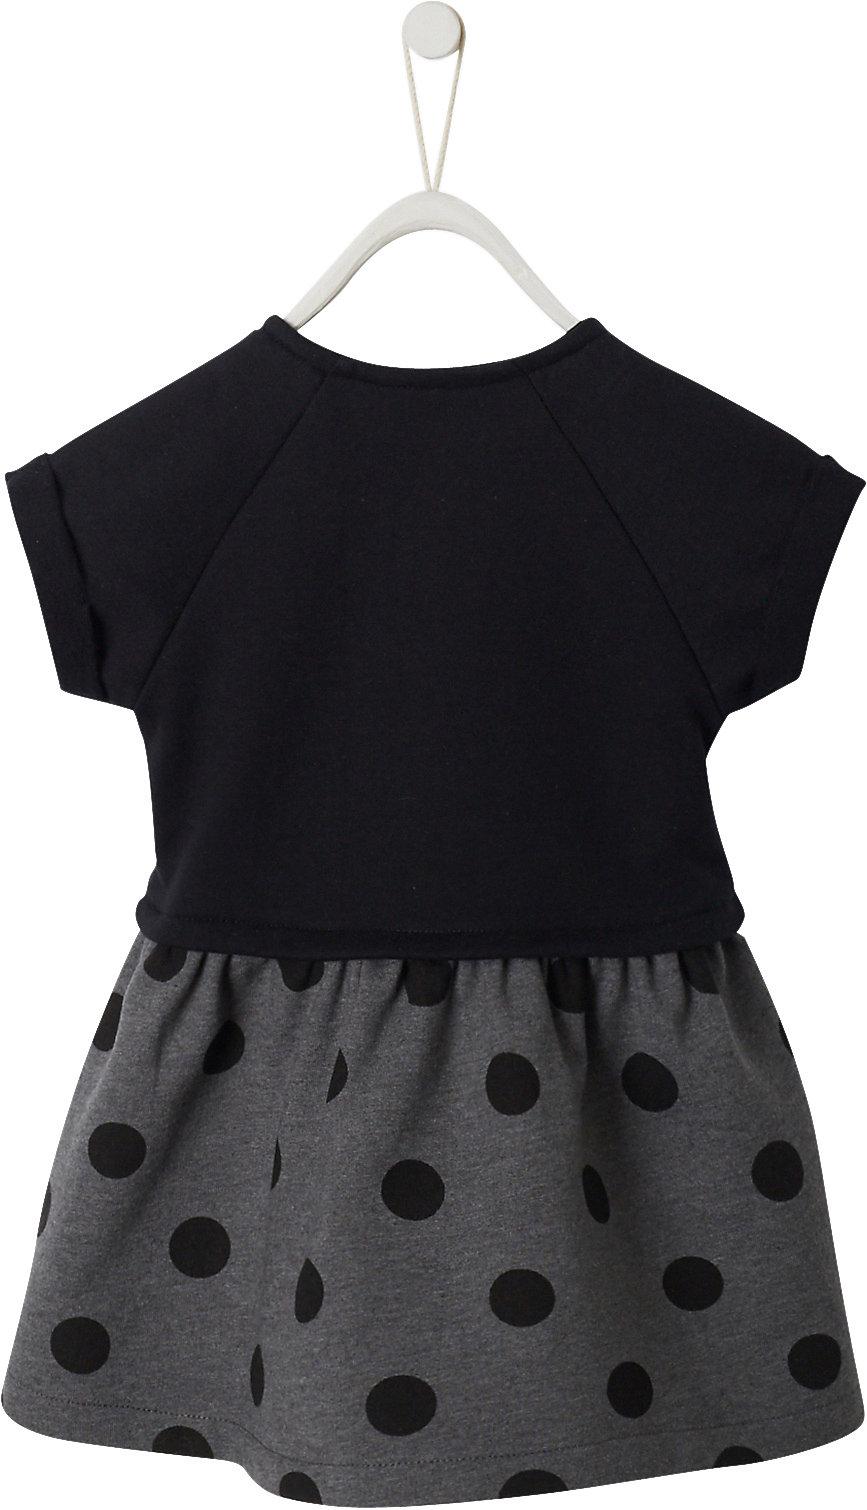 Neu vertbaudet Baby Kleid 12370152 für Mädchen schwarz